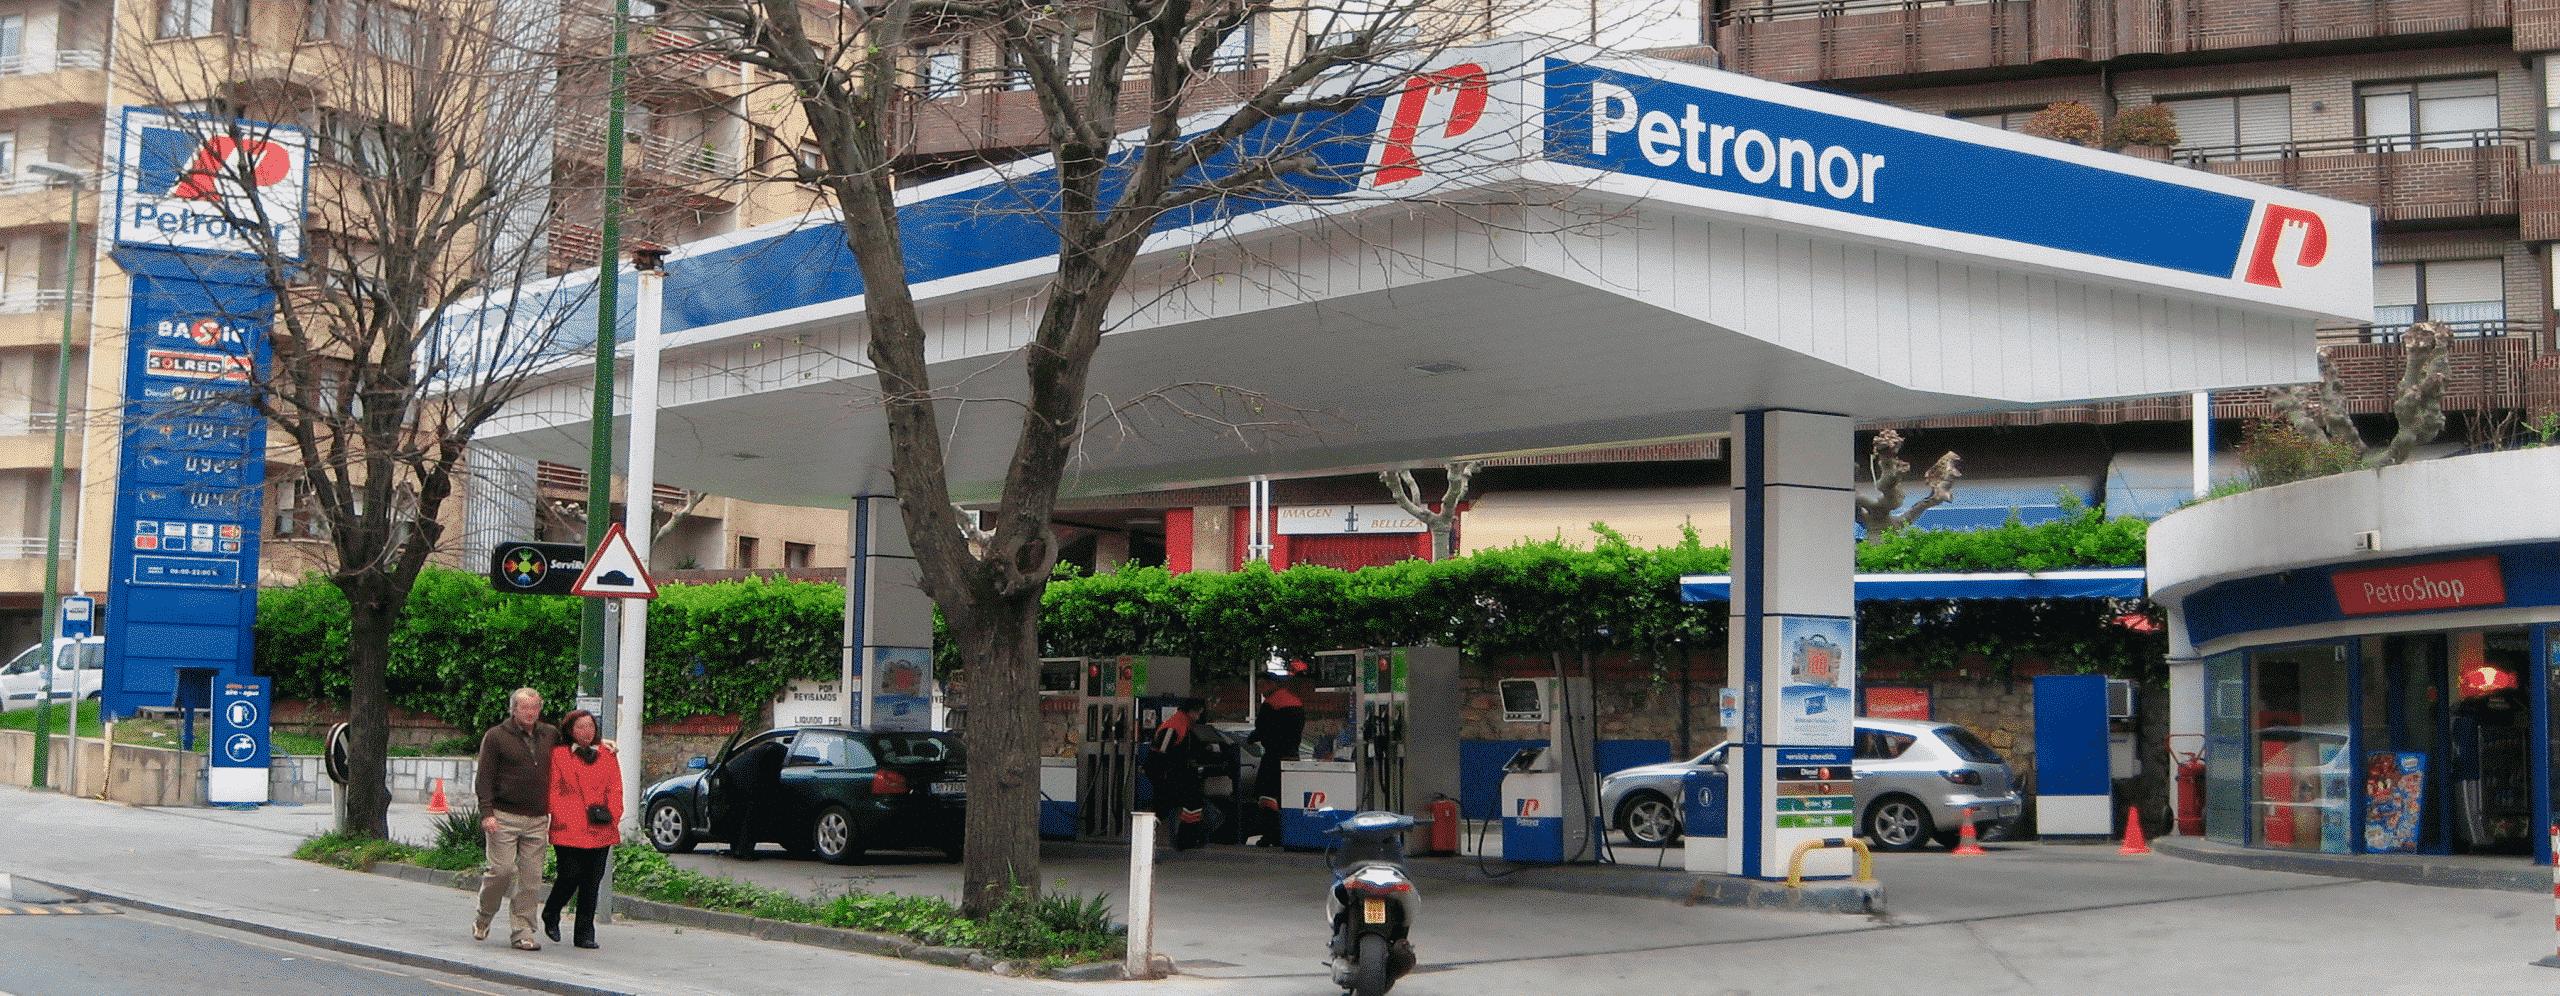 Petronor, rafineria Repsol w Bilbao, decyduje się na wdrożenie rozwiązania WFM firmy SISQUAL w celu optymalizacji zarządzania personelem